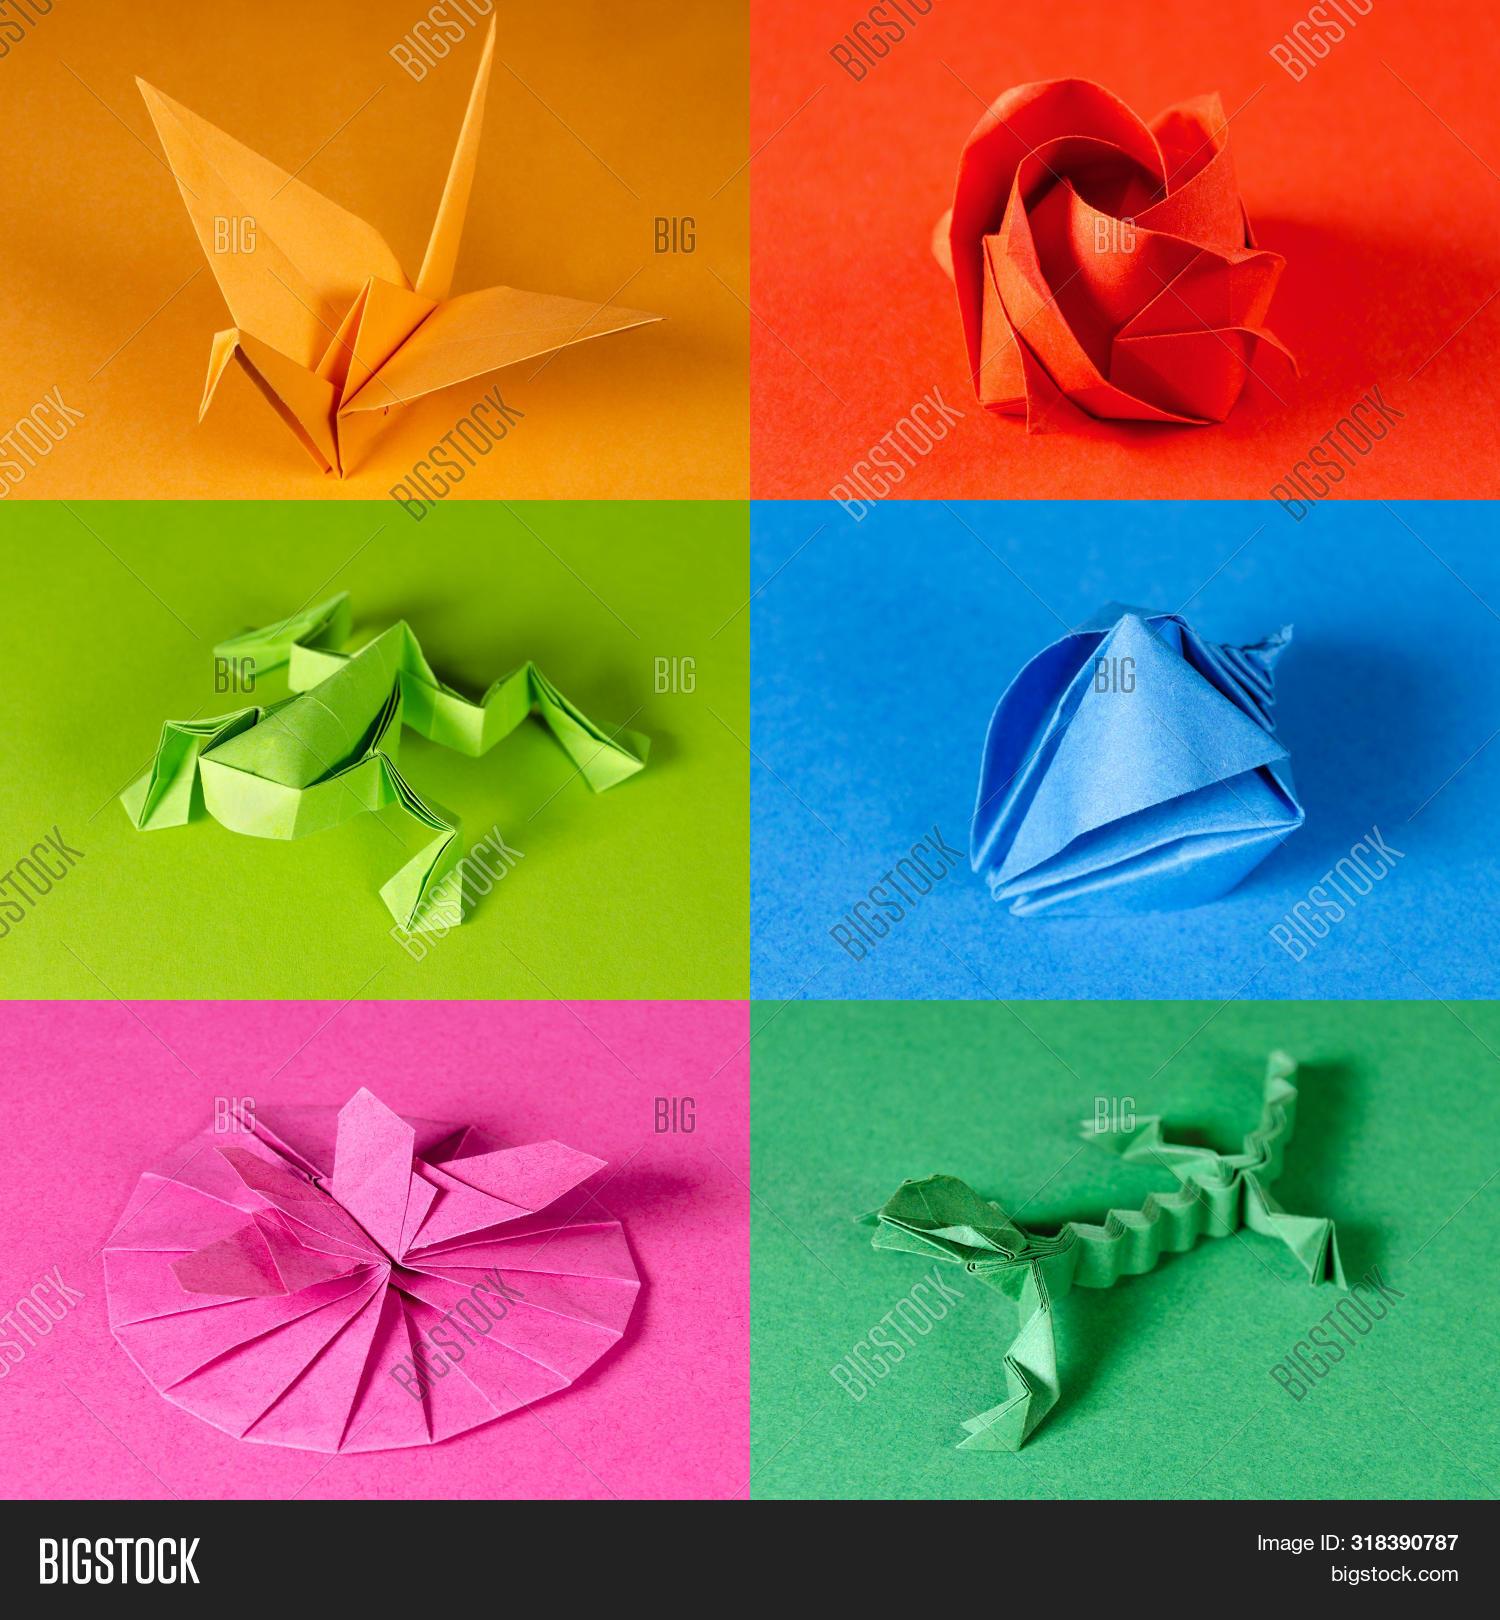 Lizard designed by Roman Diaz : origami | 1620x1500